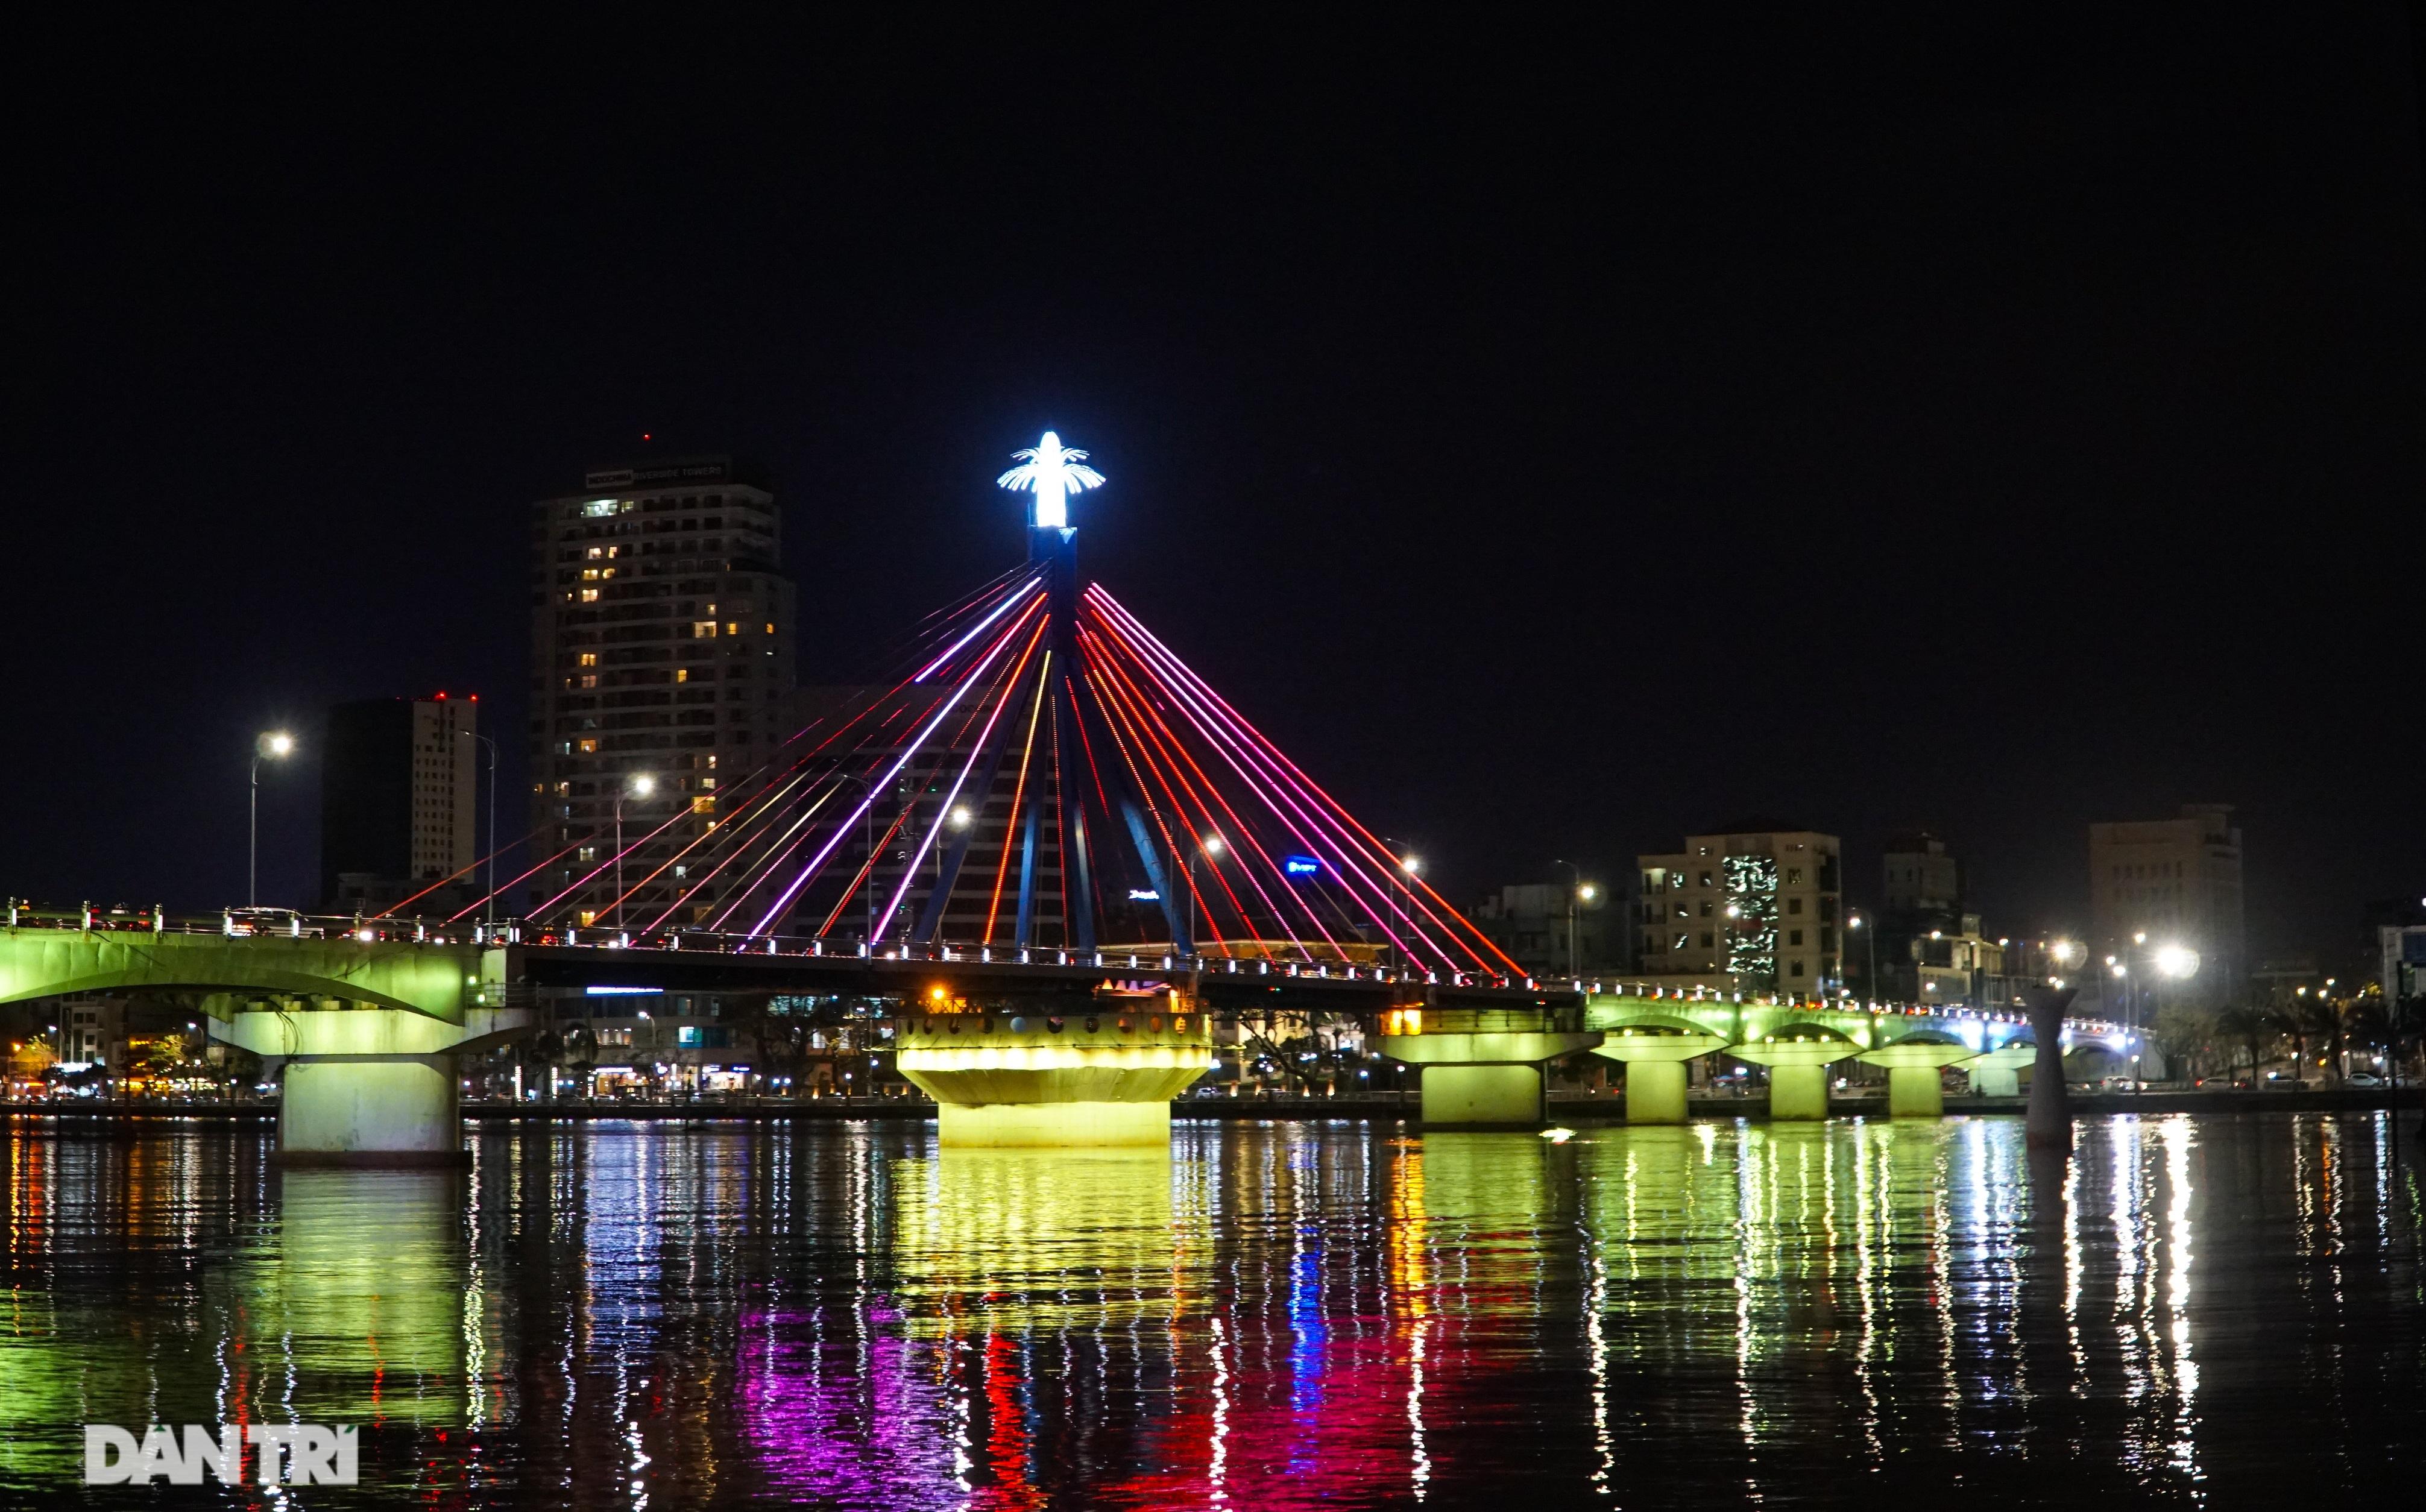 Chiêm ngưỡng 4 cây cầu ấn tượng nối đôi bờ sông Hàn ở Đà Nẵng - 11